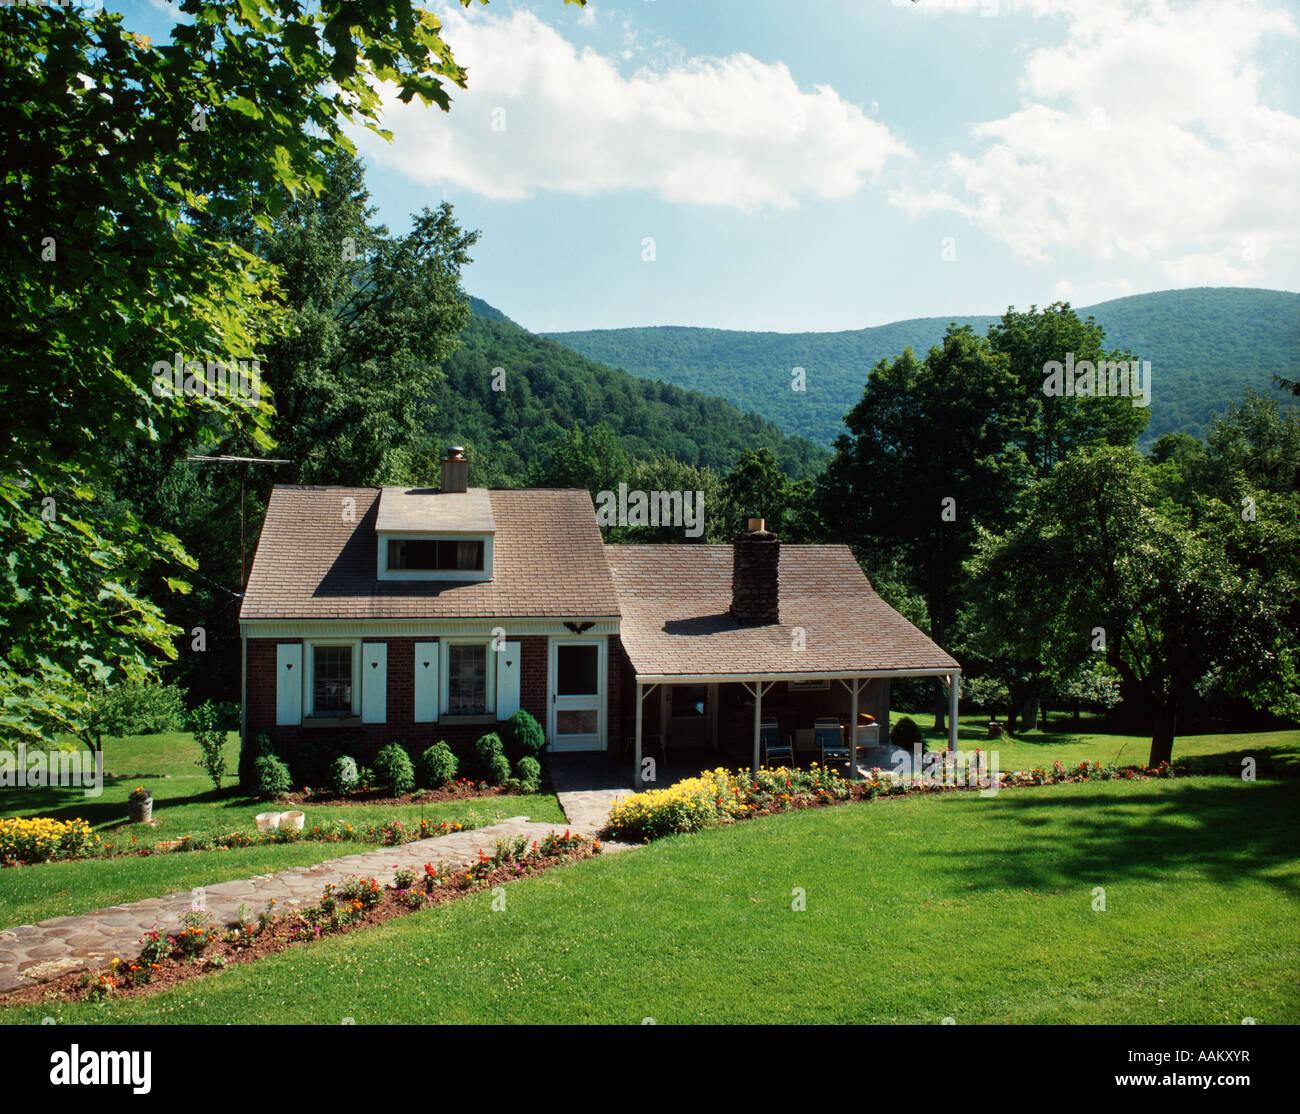 Une maison SUR LE MT. Faites glisser ROAD, AU COEUR DES MONTS CATSKILLS OLIVEREA NEW YORK Photo Stock